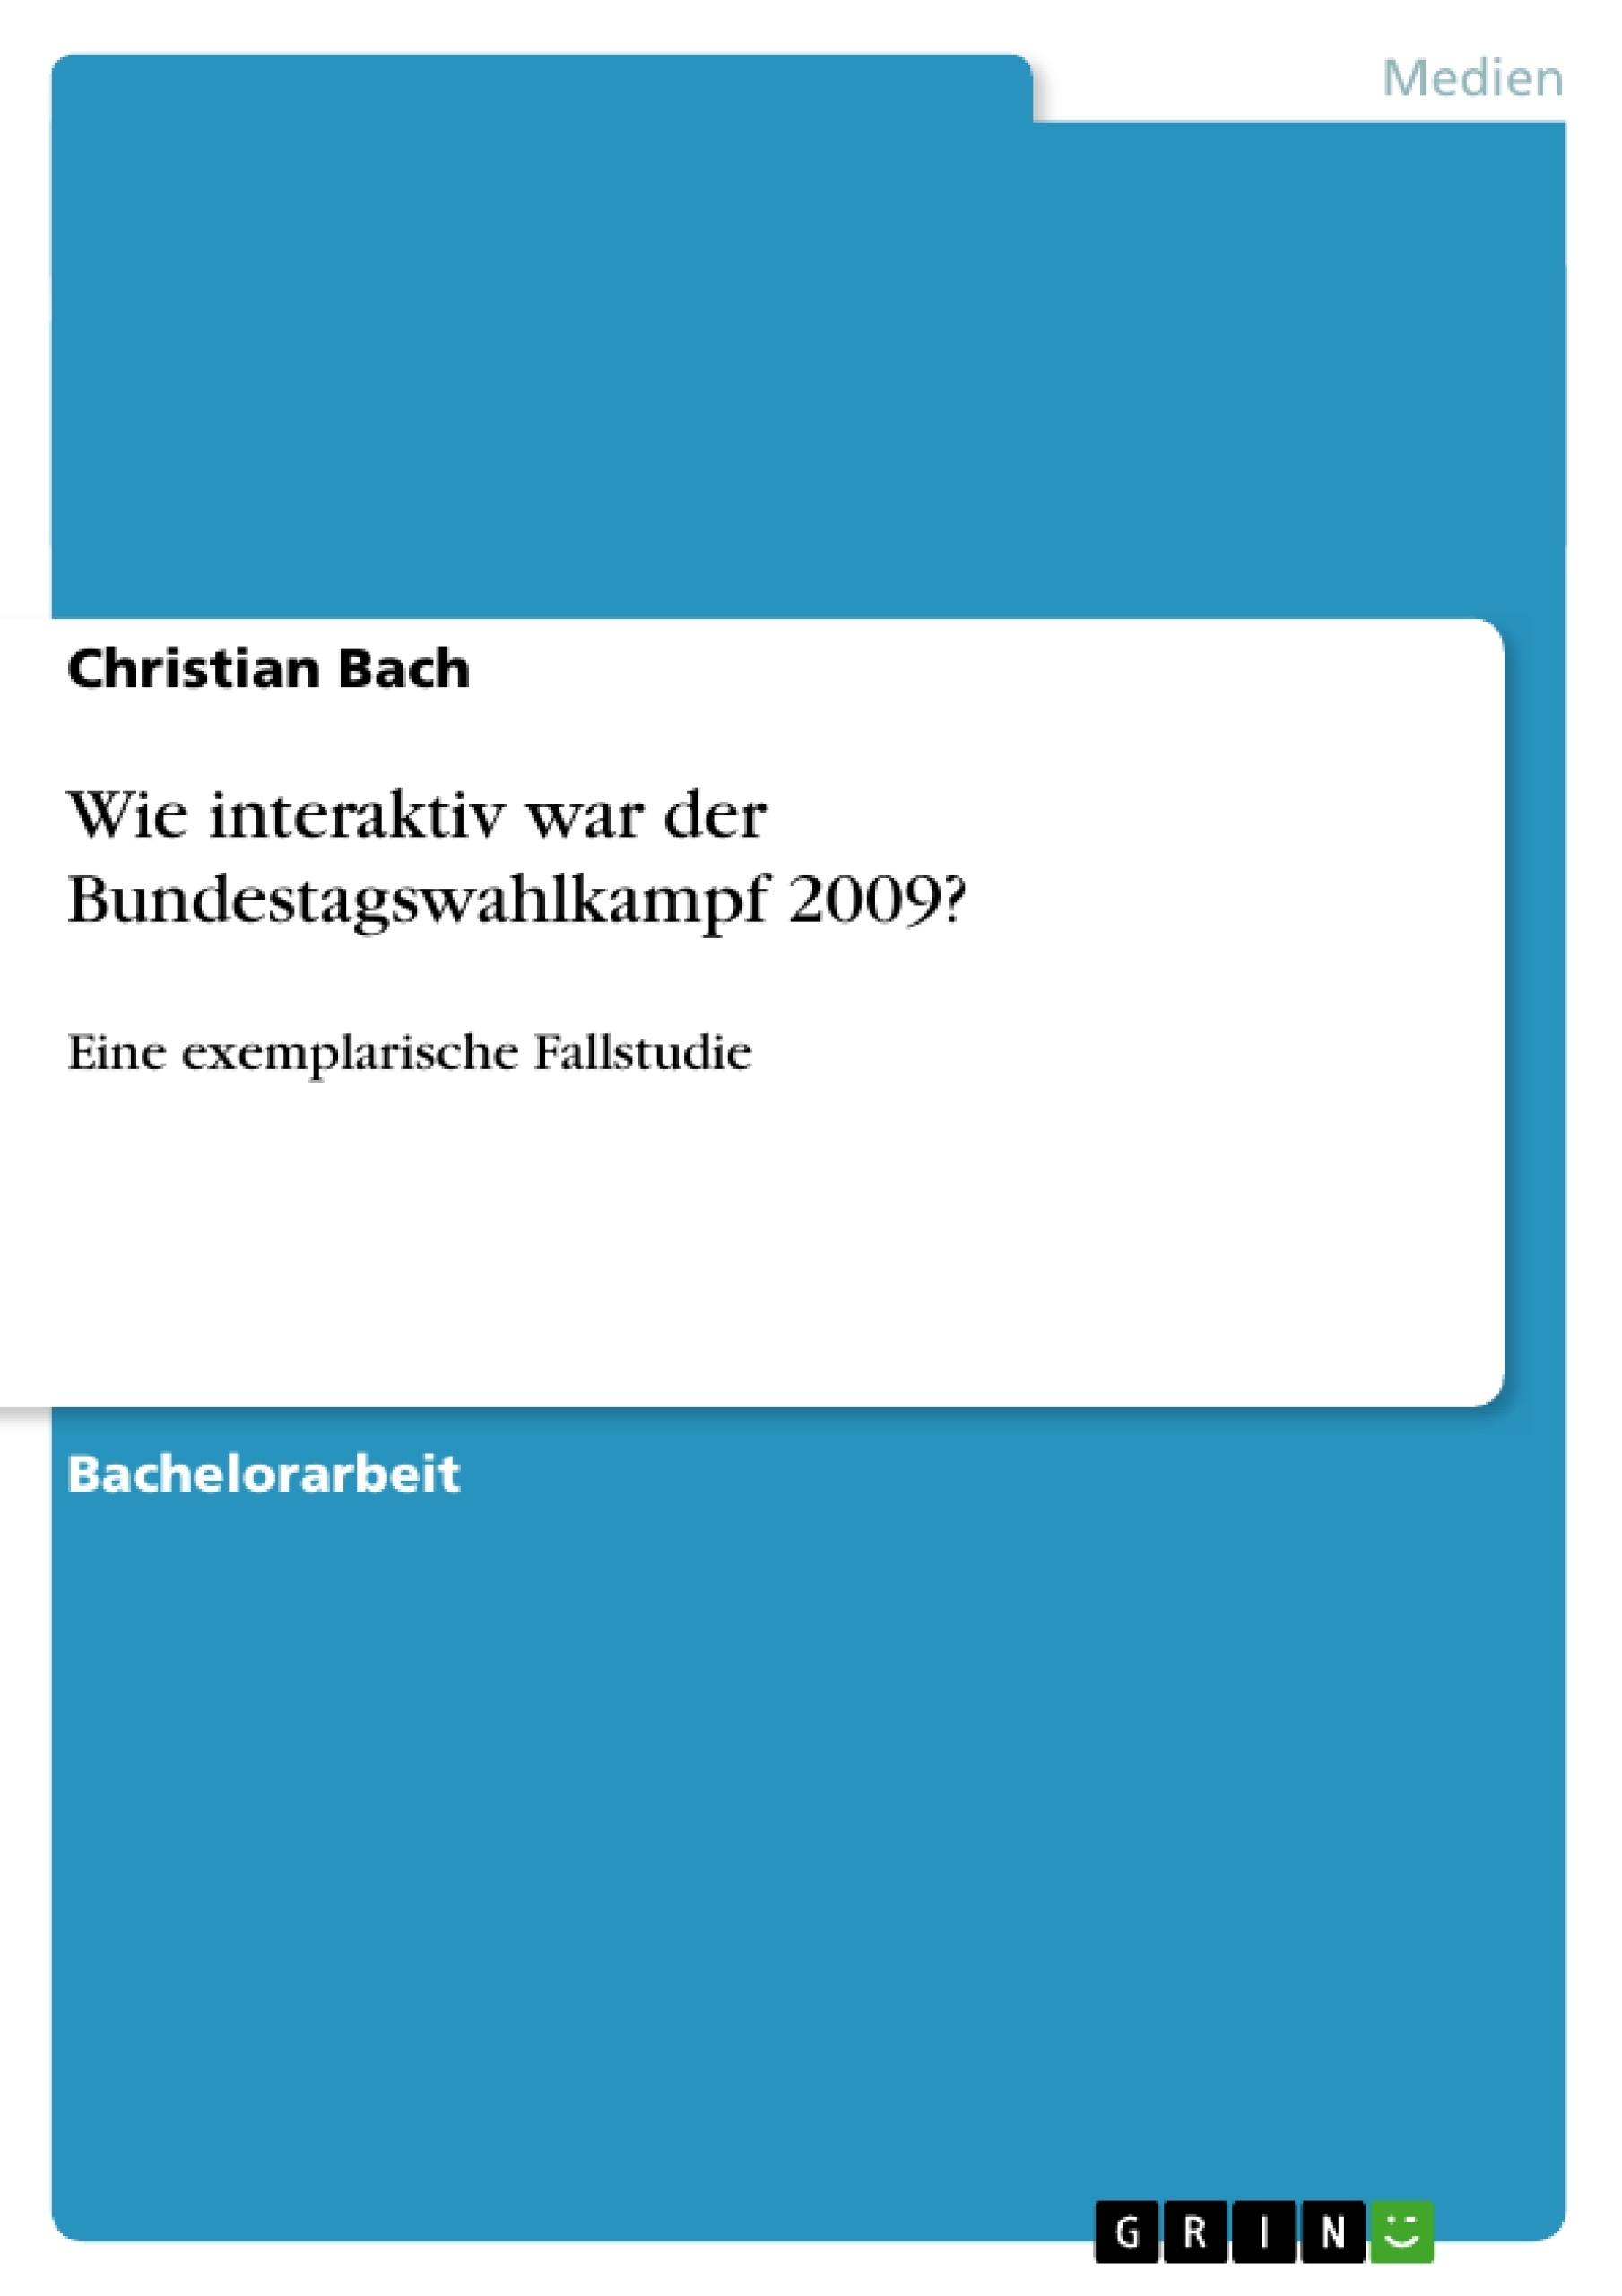 Titel: Wie interaktiv war der Bundestagswahlkampf 2009?